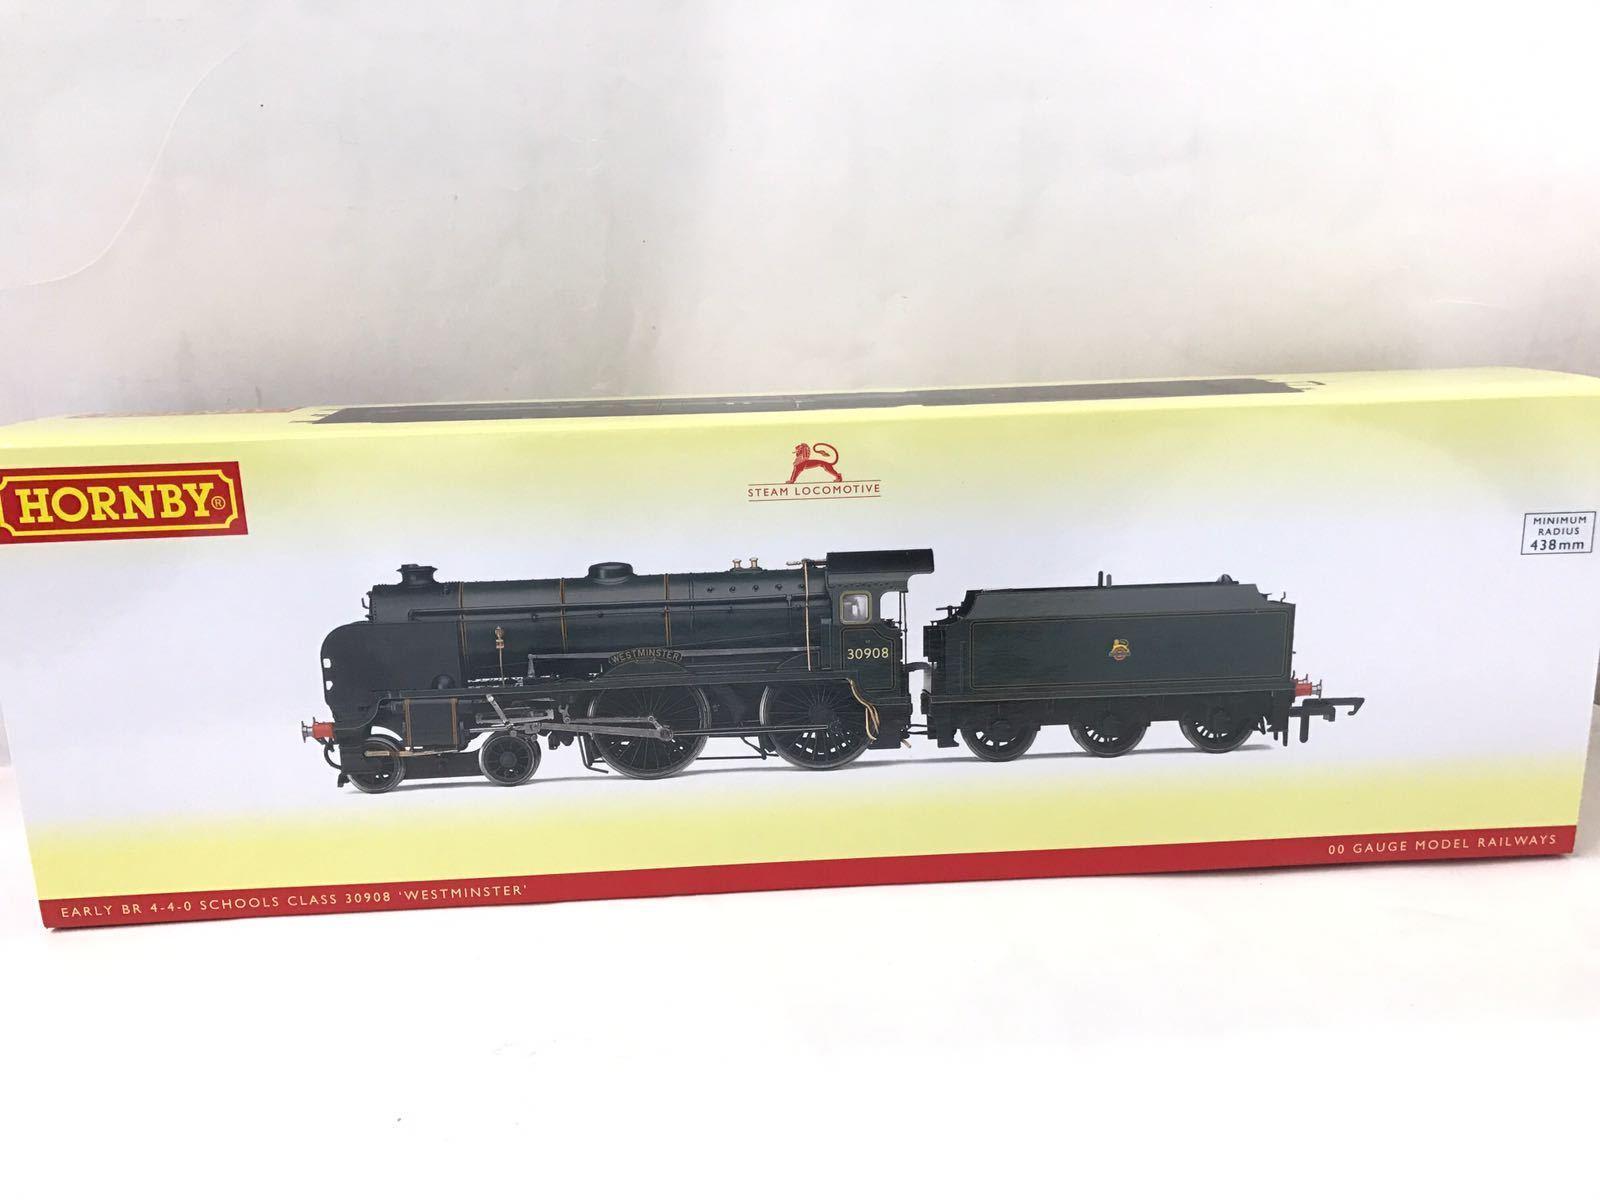 Hornby R3311, Marrone 4-4-0 escuelas clase locomotora  30908  Westminster